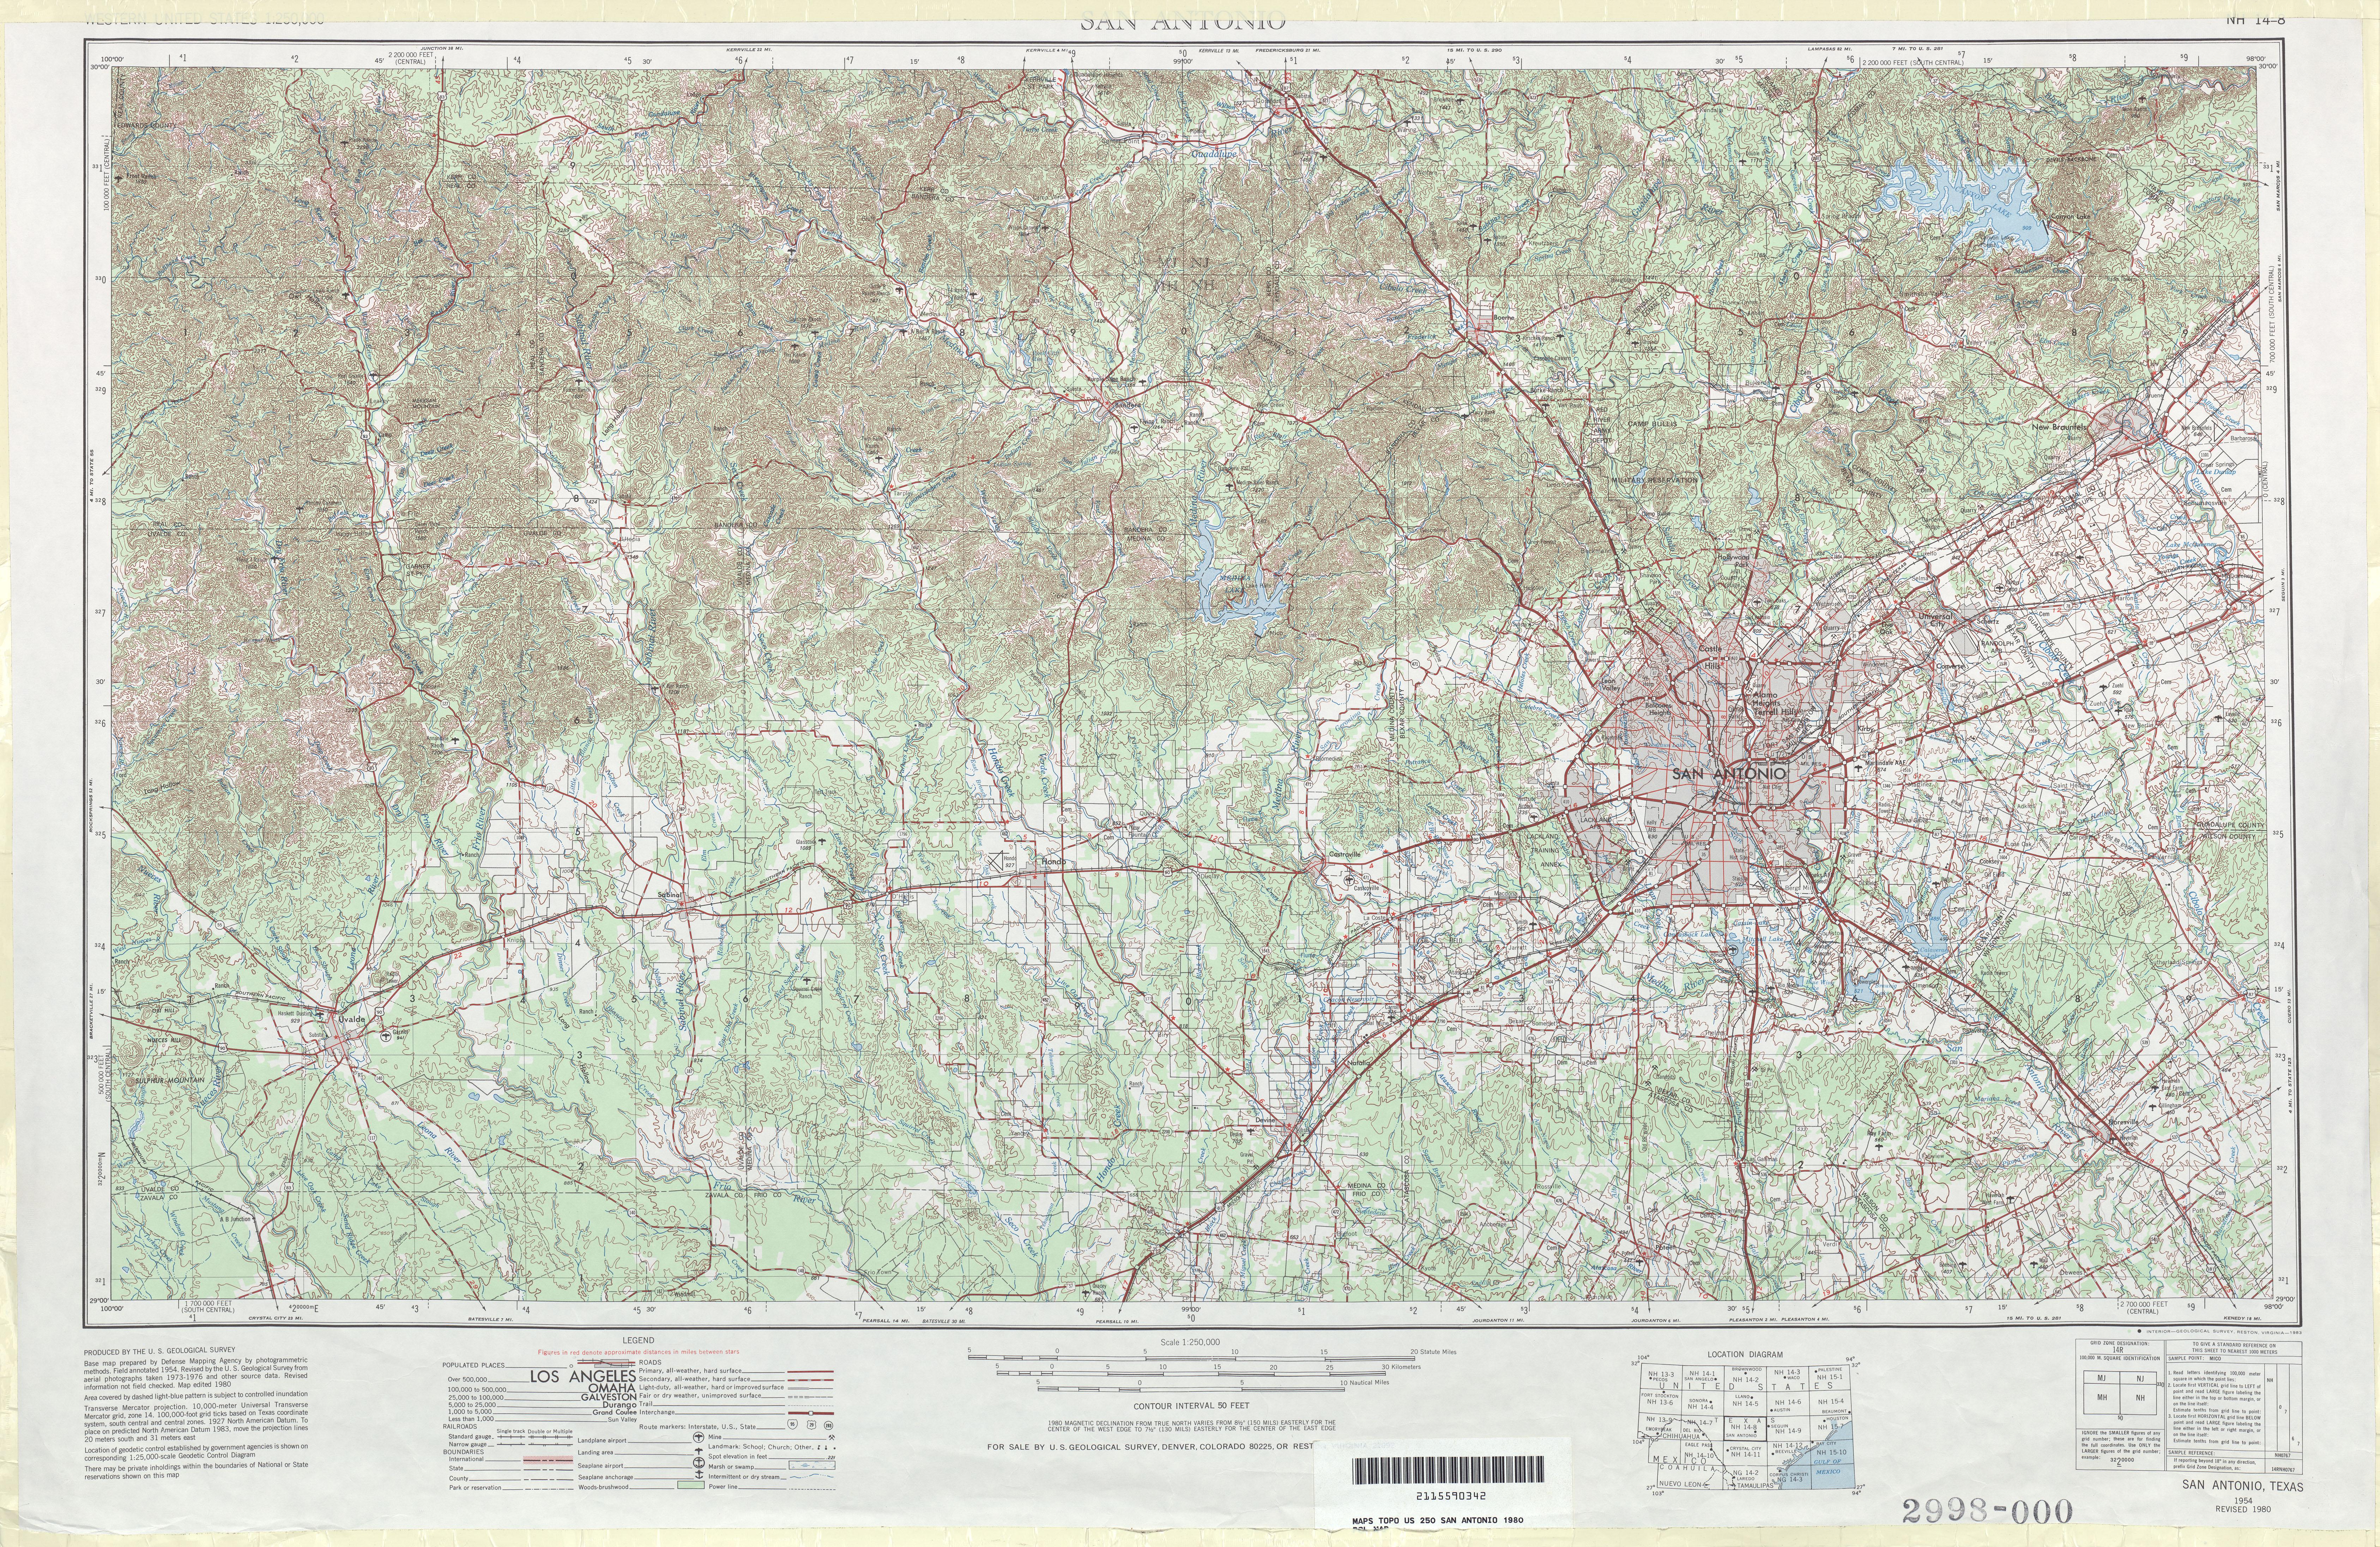 Hoja San Antonio del Mapa Topográfico de los Estados Unidos 1980